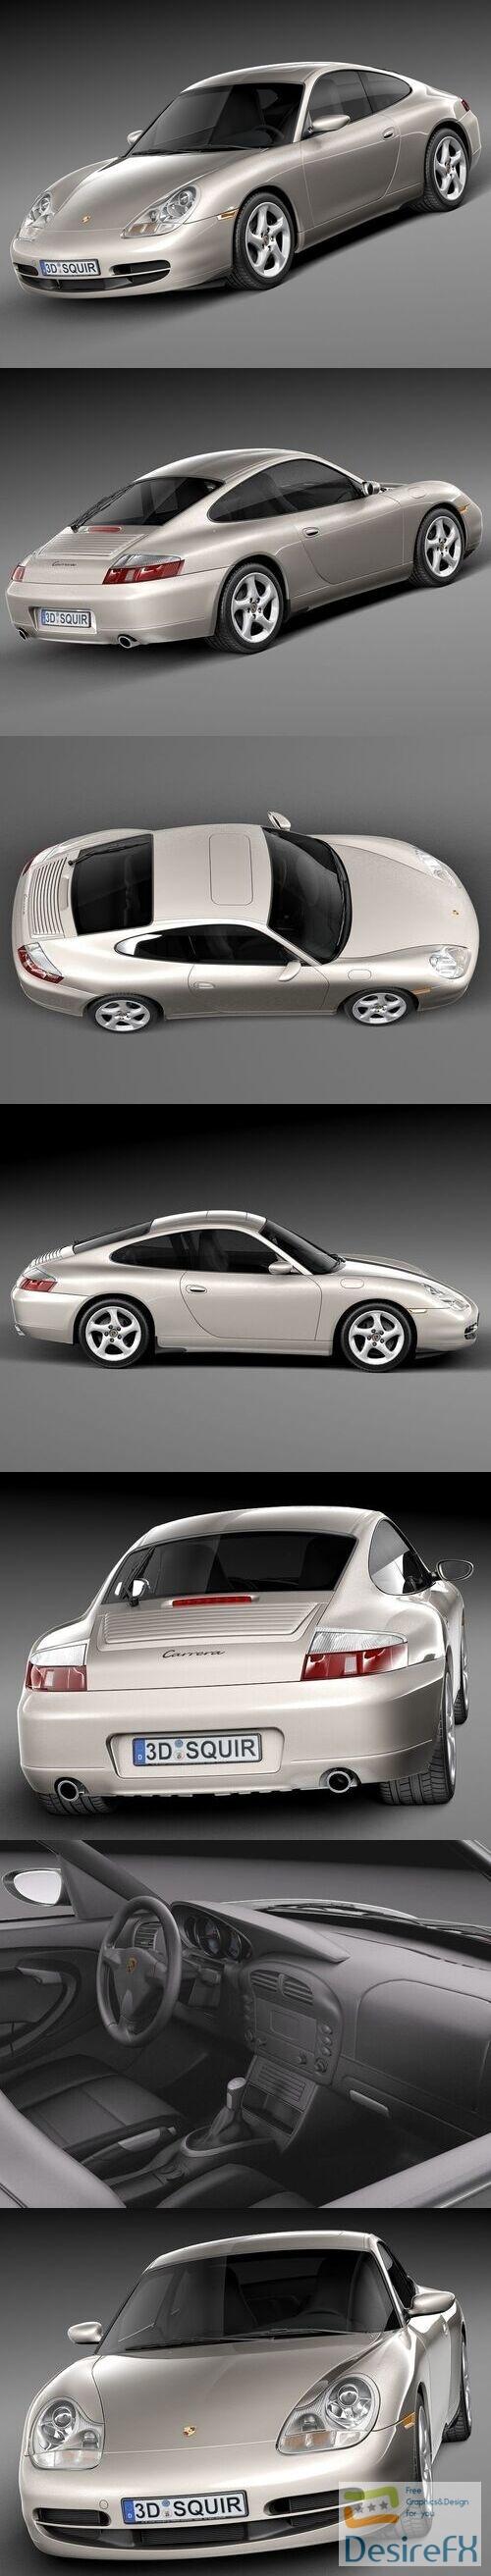 Porsche 911 996 Carrera 1997-2001 3D Model